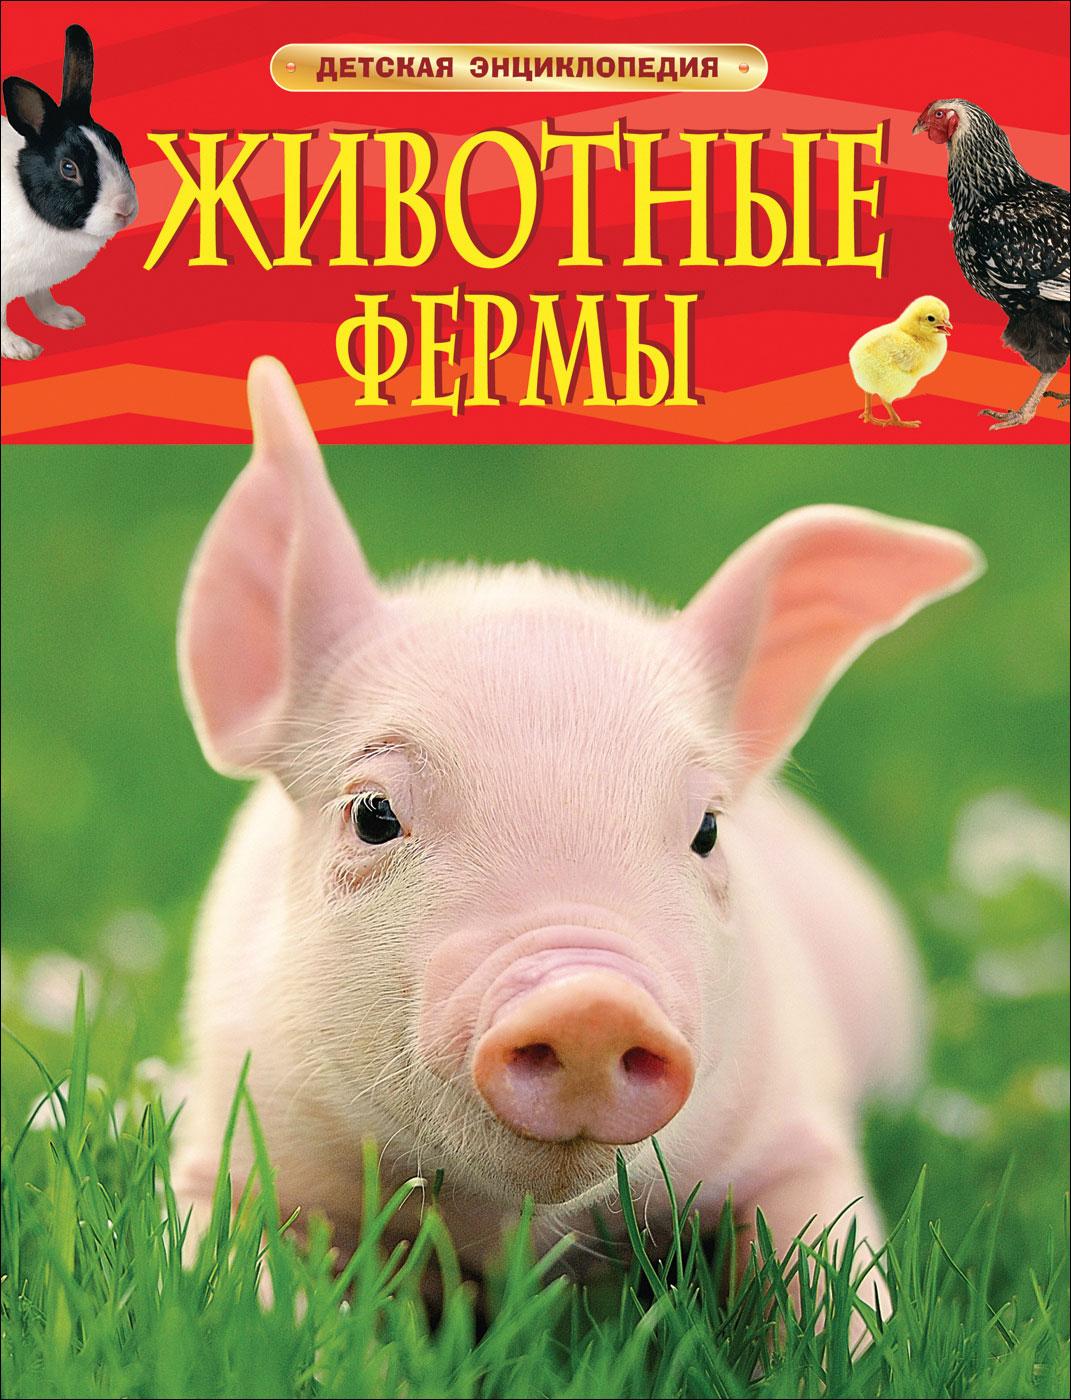 цена на Травина И. В. Животные фермы. Детская энциклопедия (новая обл.)